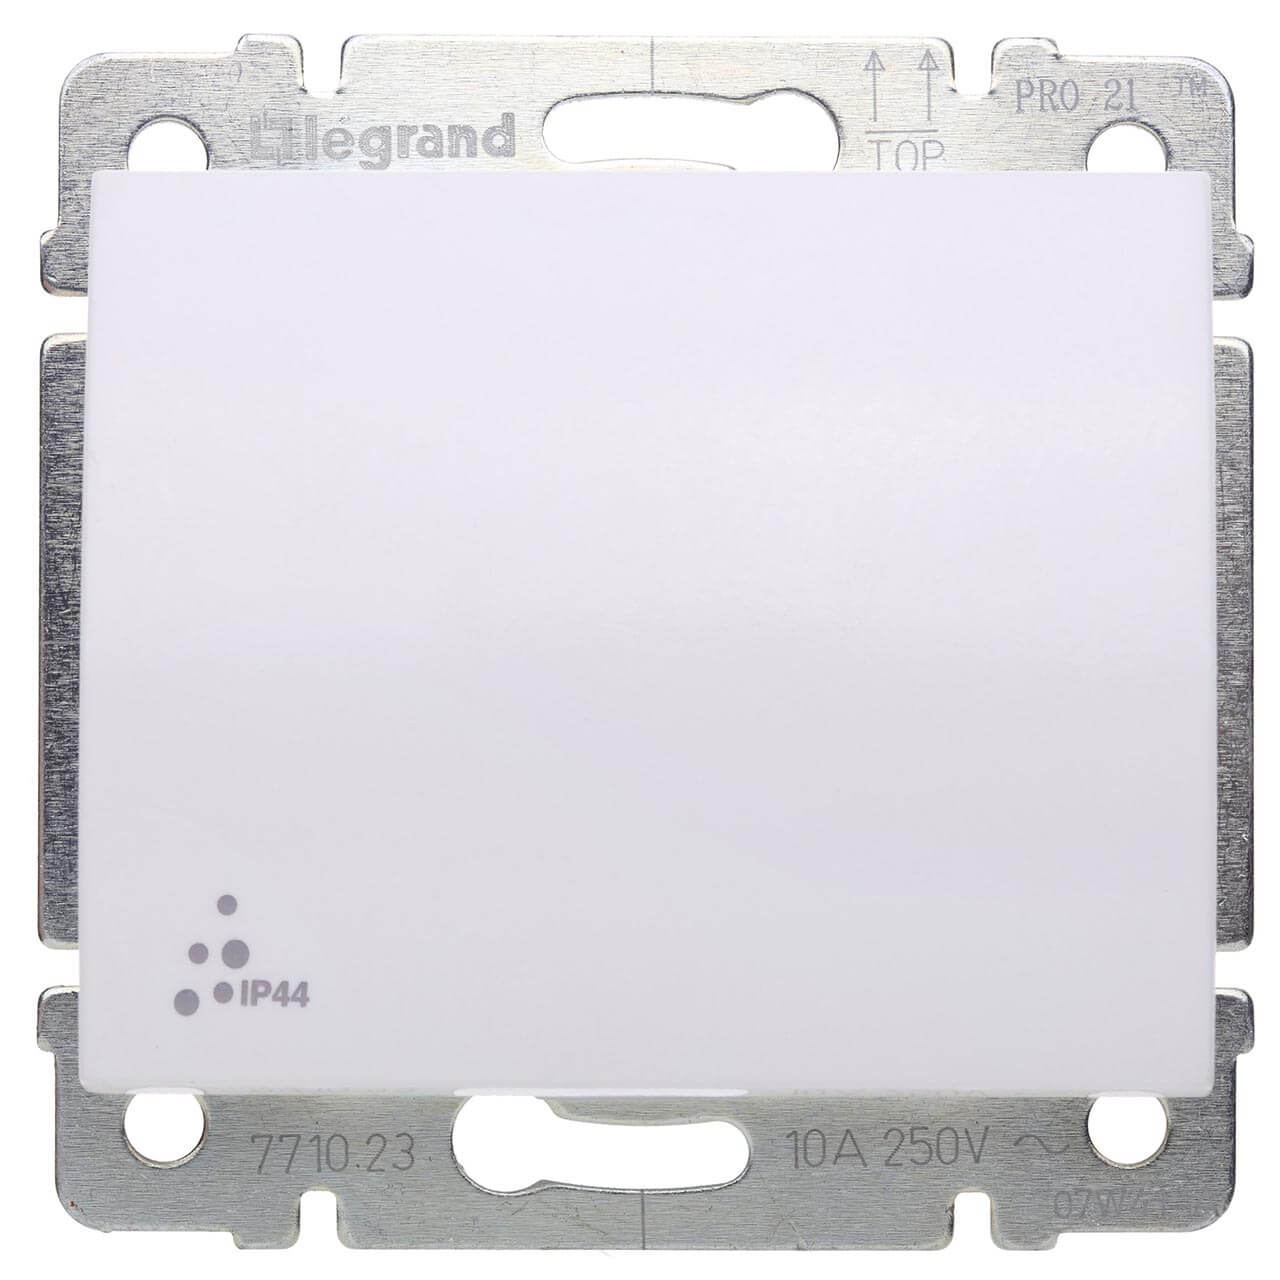 Выключатель кнопочный одноклавишный Legrand Galea Life 10A 250V IP44 белый 771023 выключатель одноклавишный кнопочный legrand quteo 6a 250v белый 782205